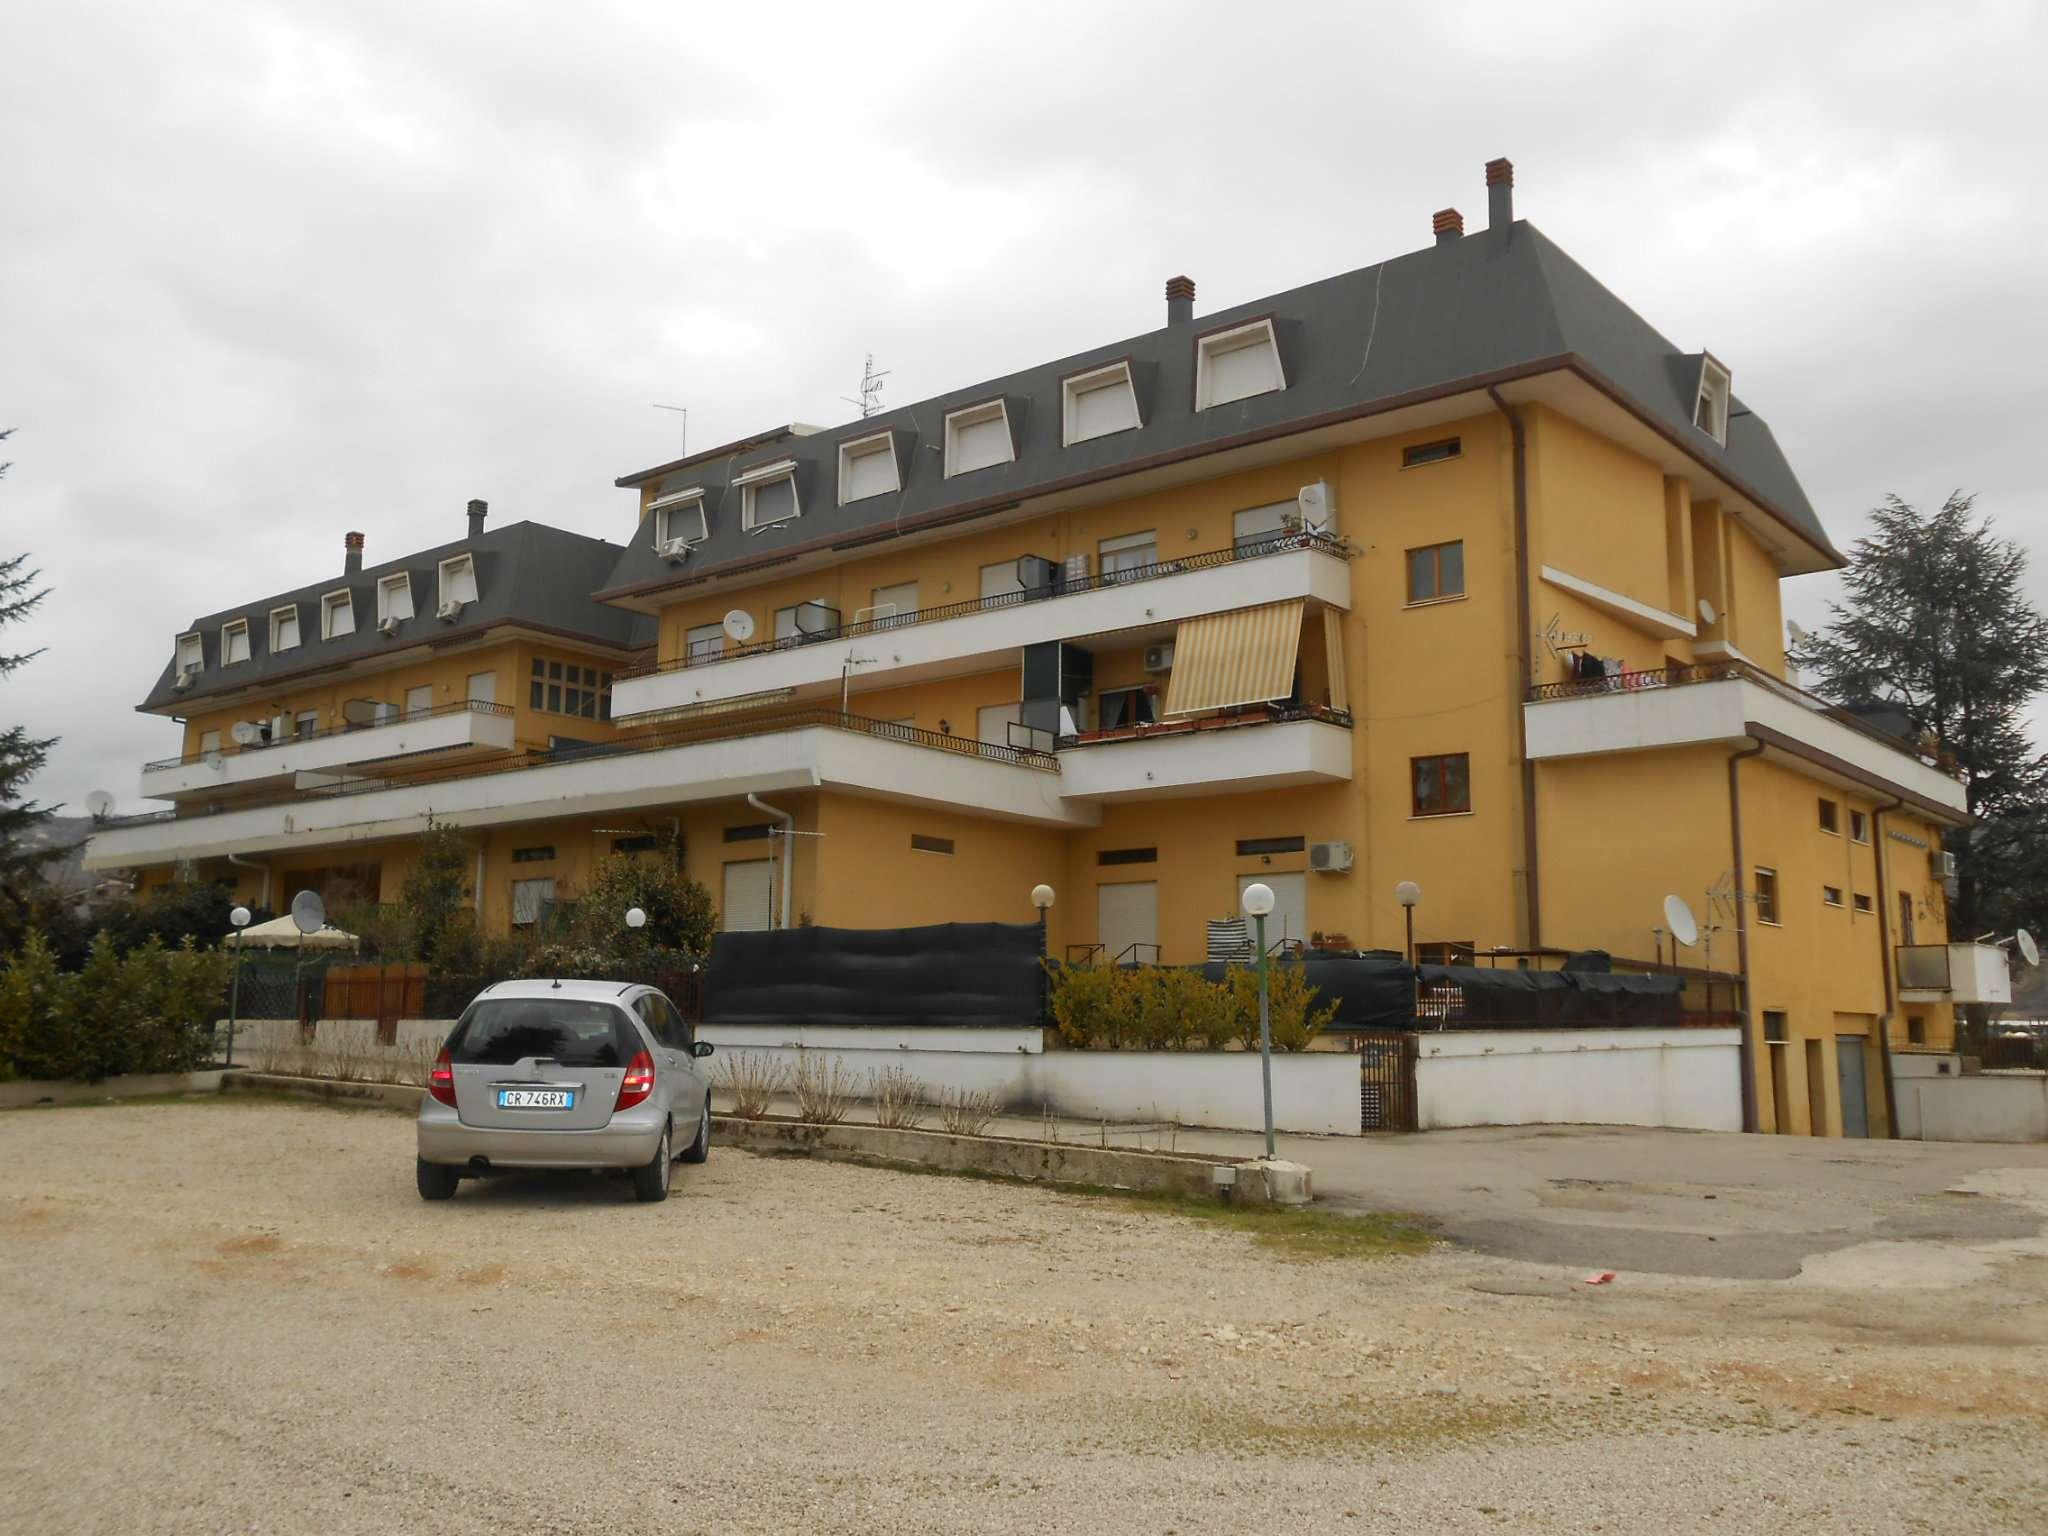 Appartamento in vendita a Fiuggi, 2 locali, prezzo € 57.000 | CambioCasa.it